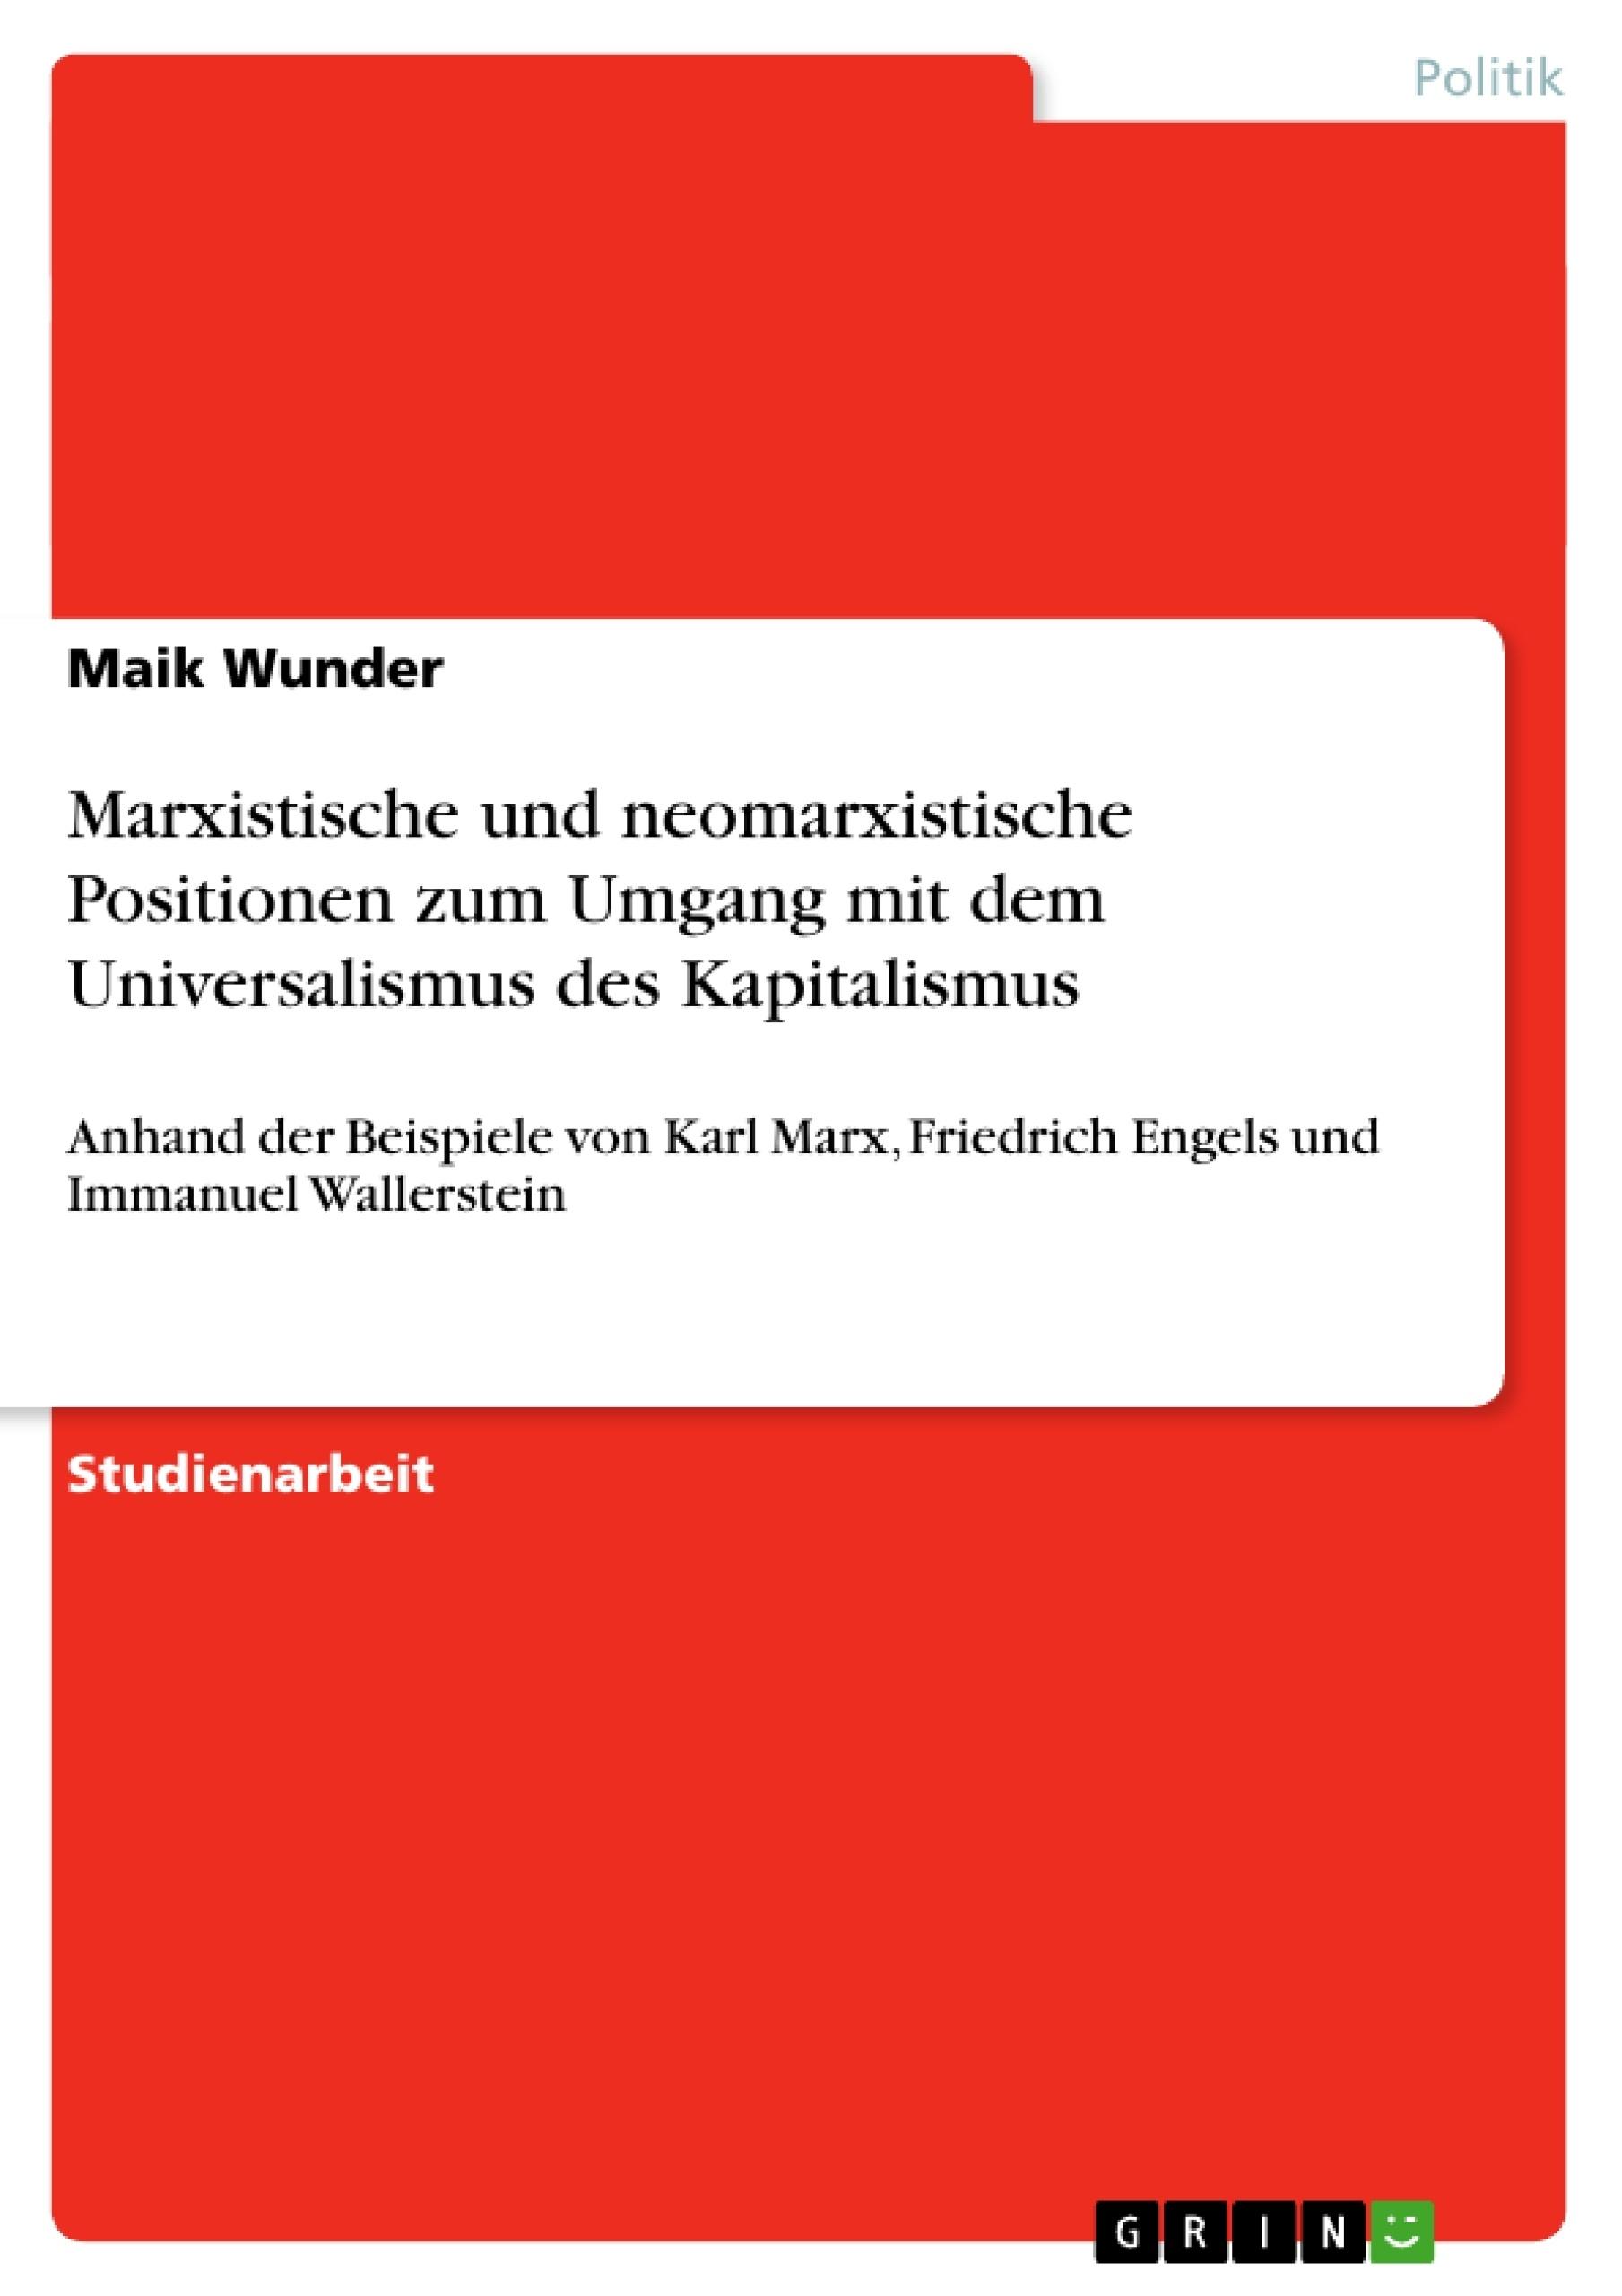 Titel: Marxistische und neomarxistische Positionen zum Umgang mit dem Universalismus des Kapitalismus